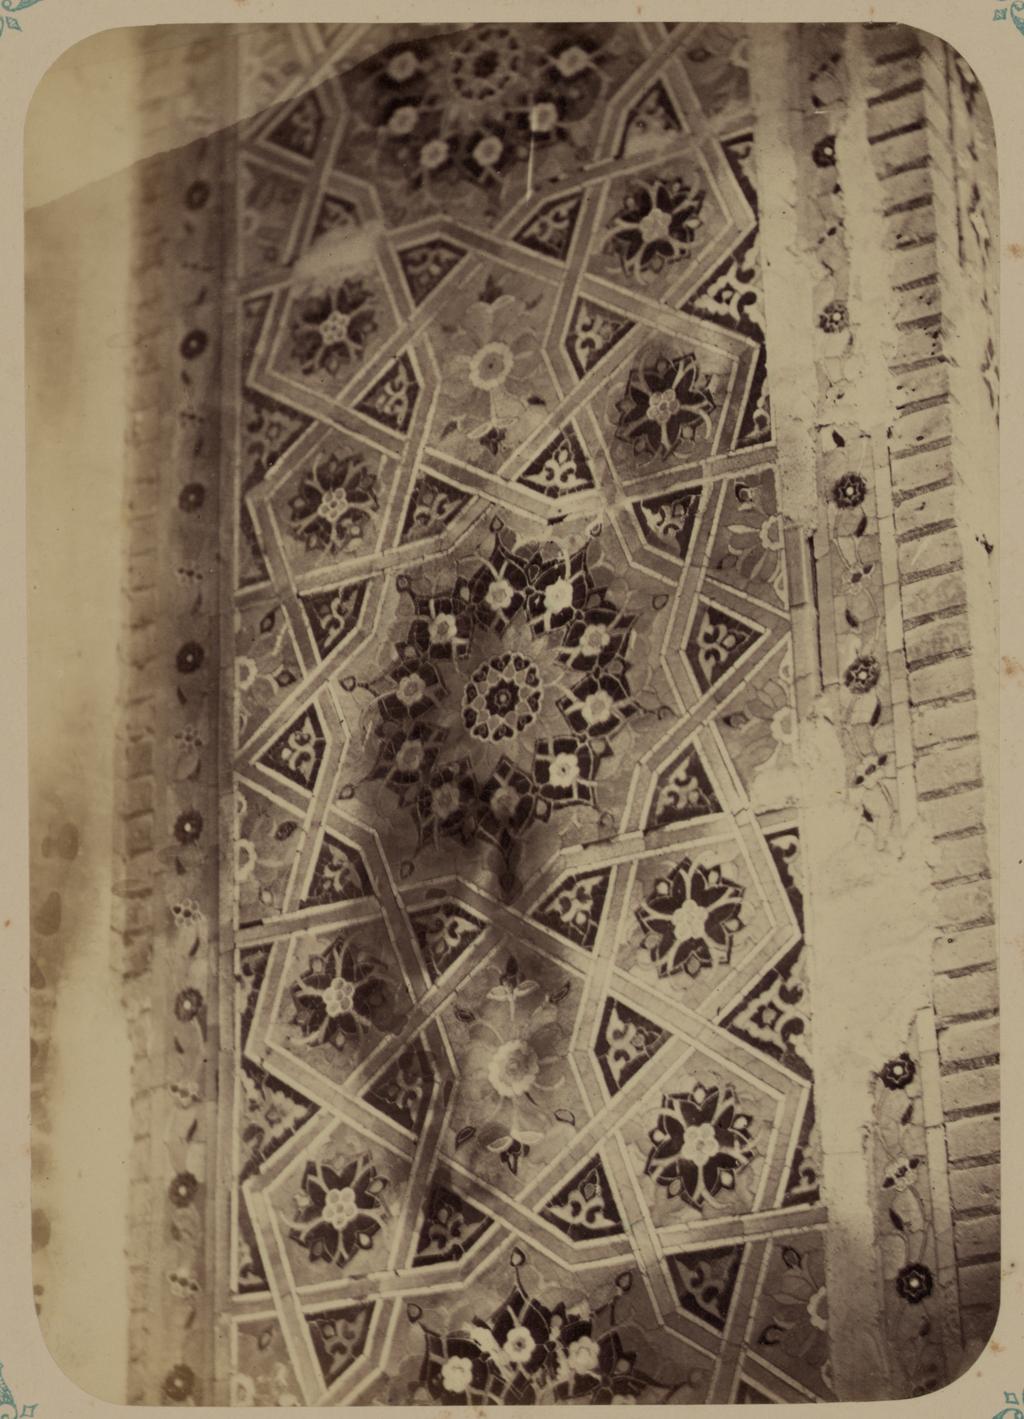 Мавзолей Туман-Ака Нури. Часть отделки панели входной ниши в мавзолее Туман-Ака